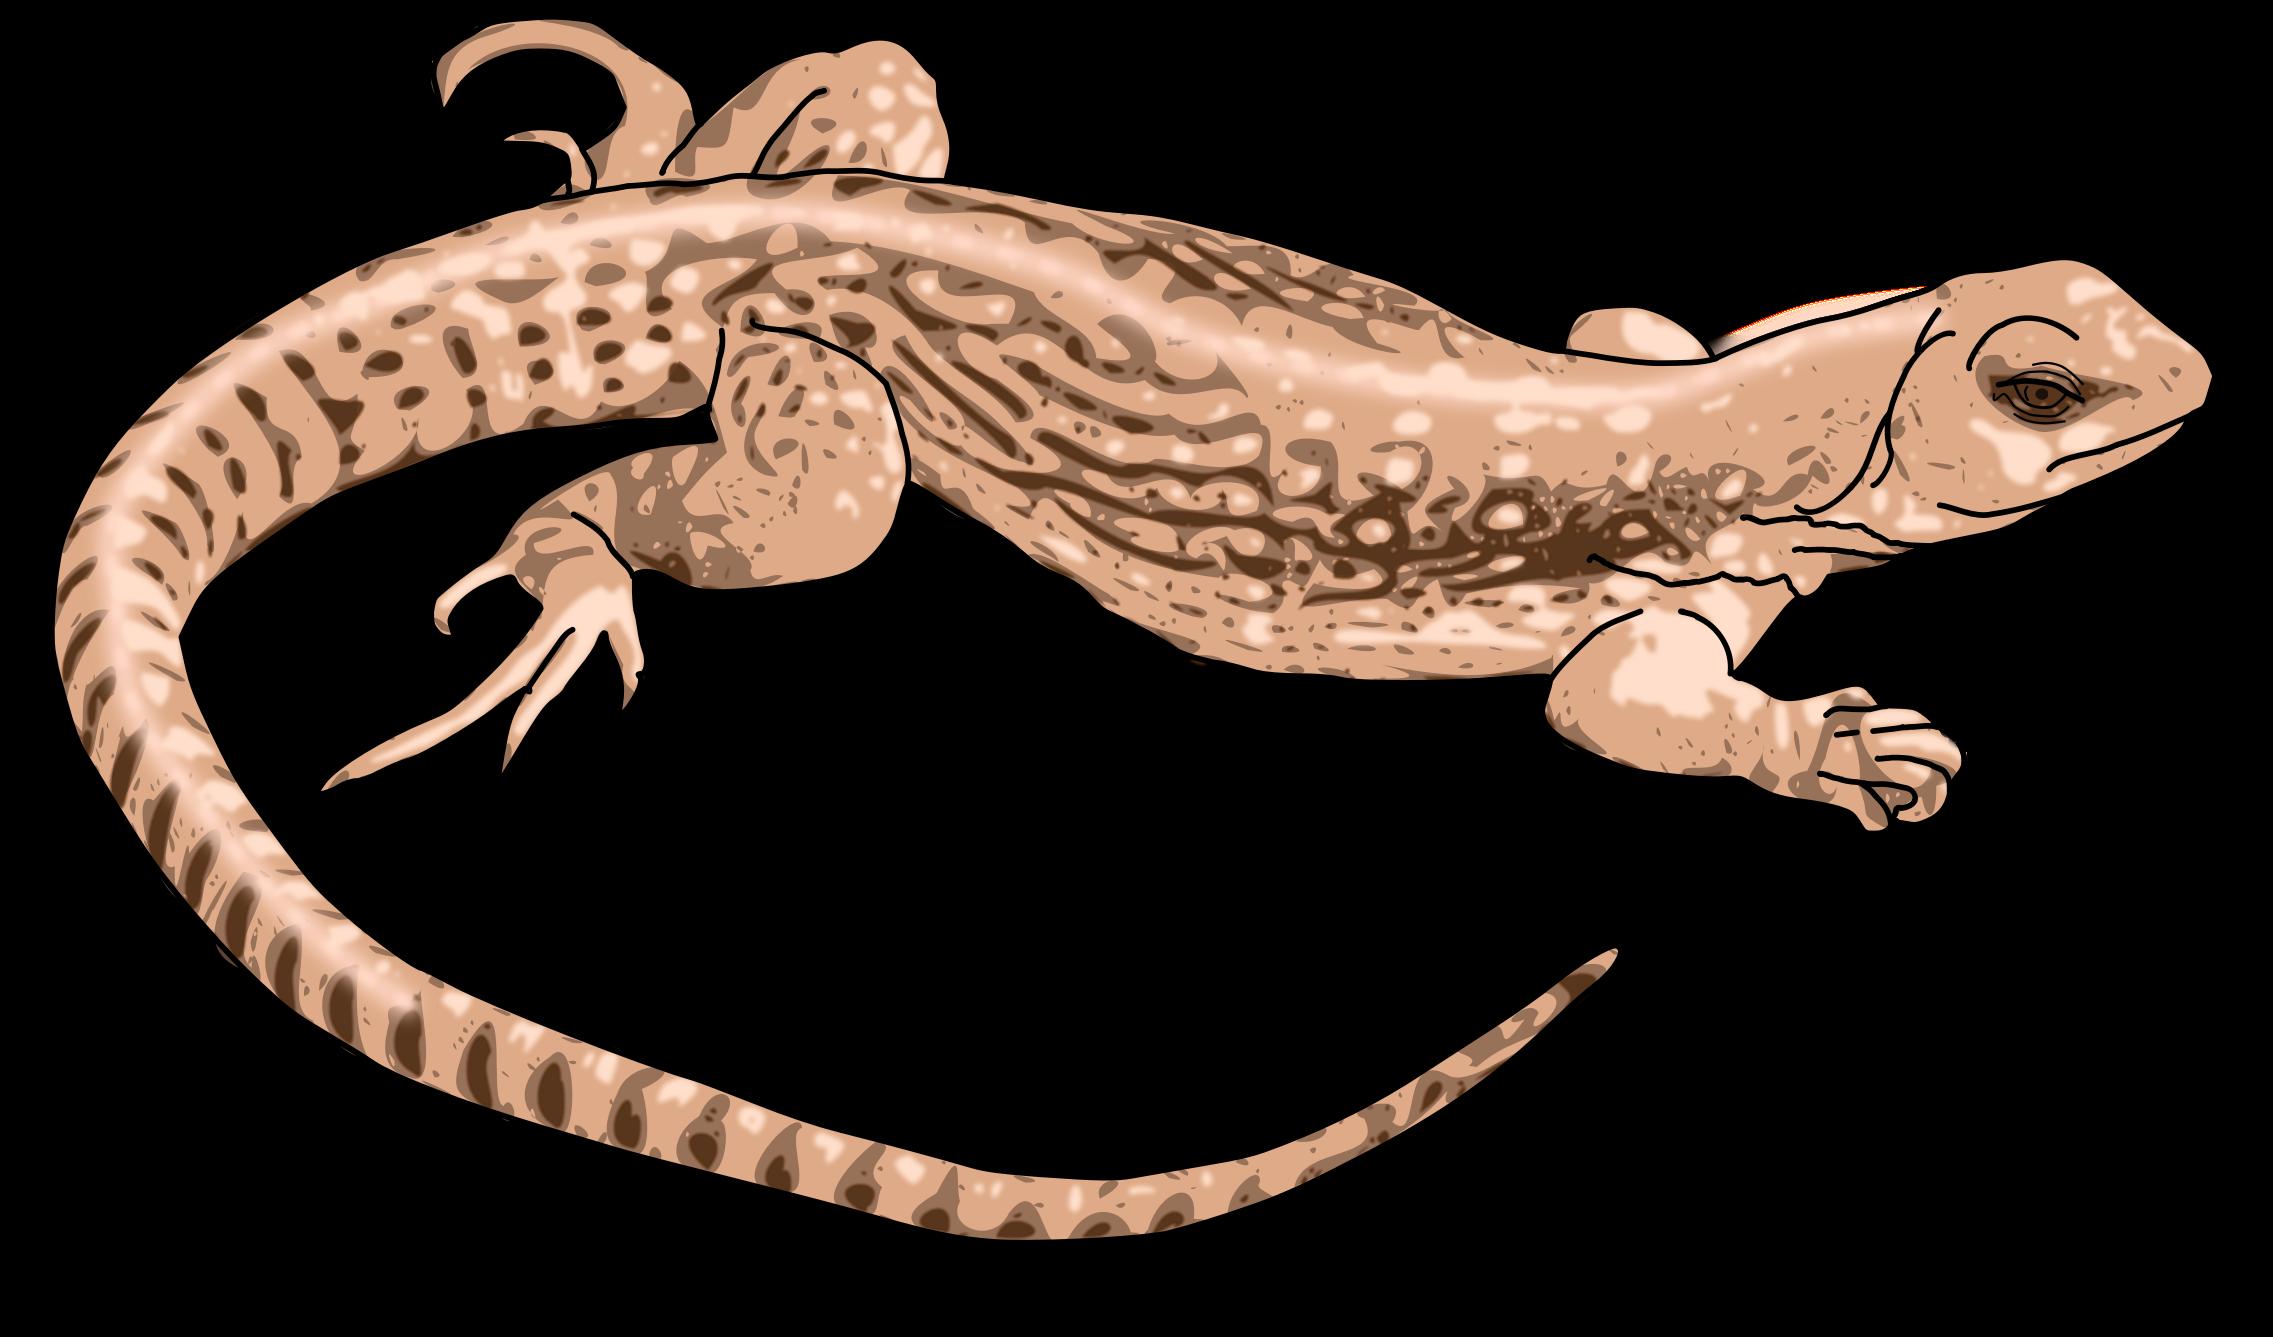 Lizard. Gecko clipart svg